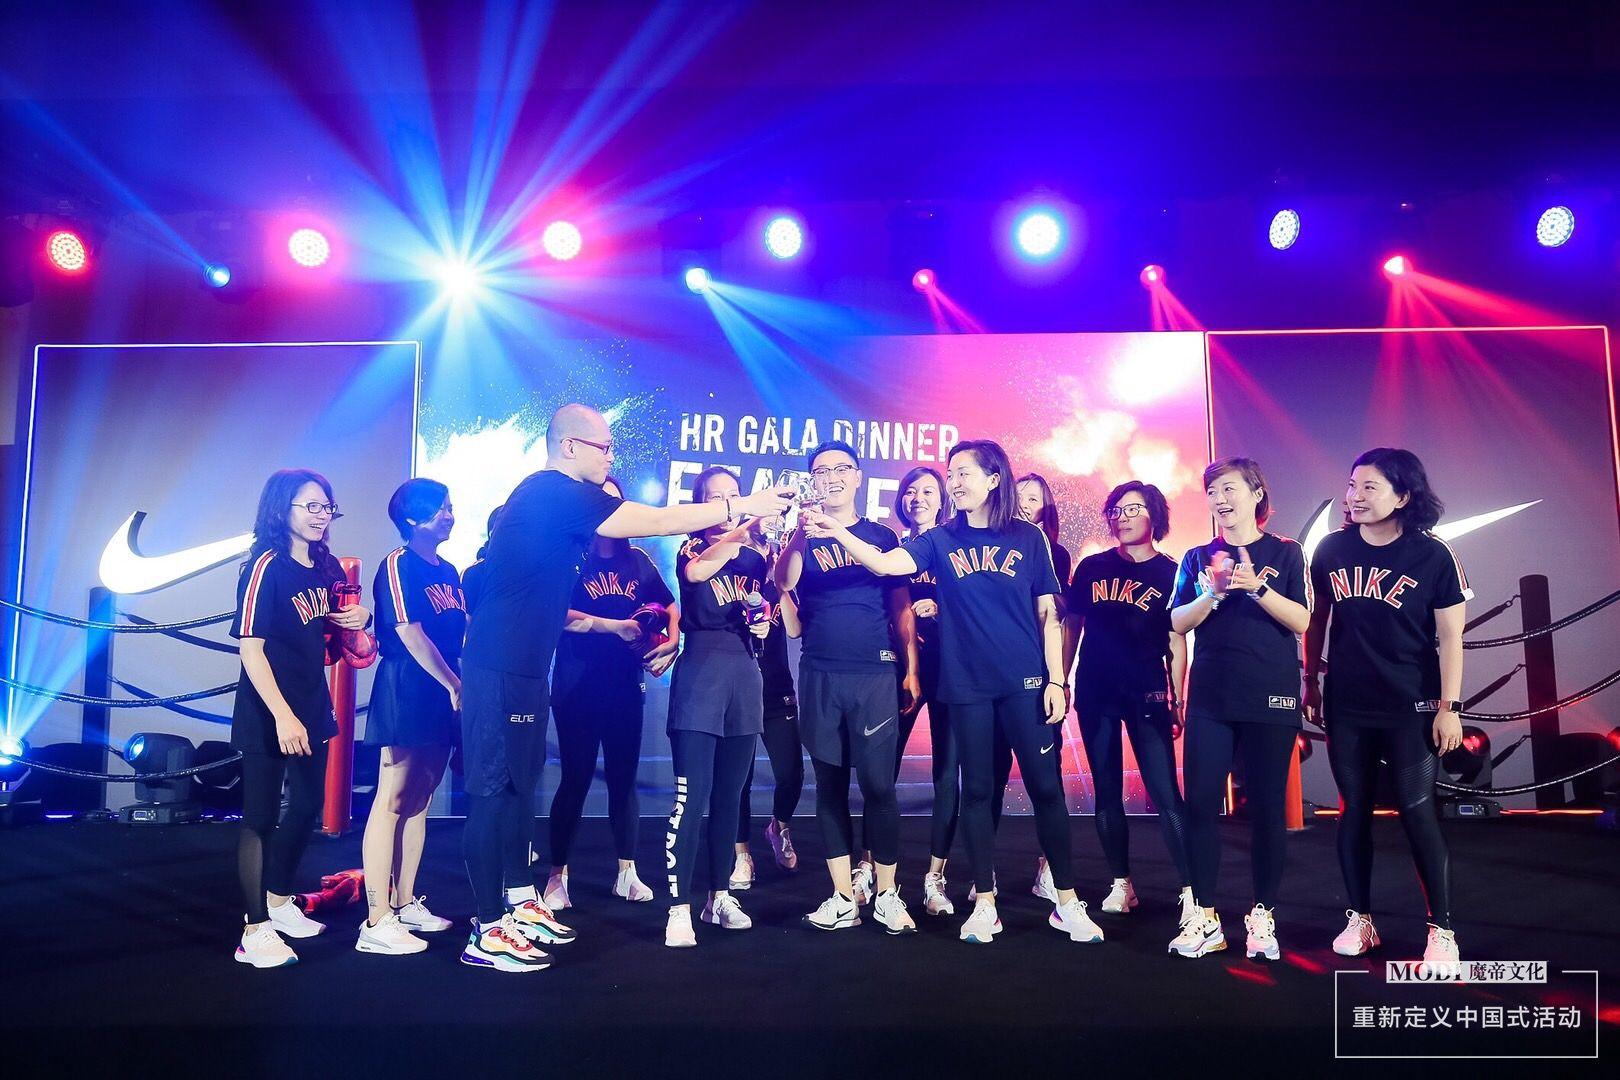 上海活动策划公司,上海庆典活动,上海会议活动,活动策划公司,上海年会公司